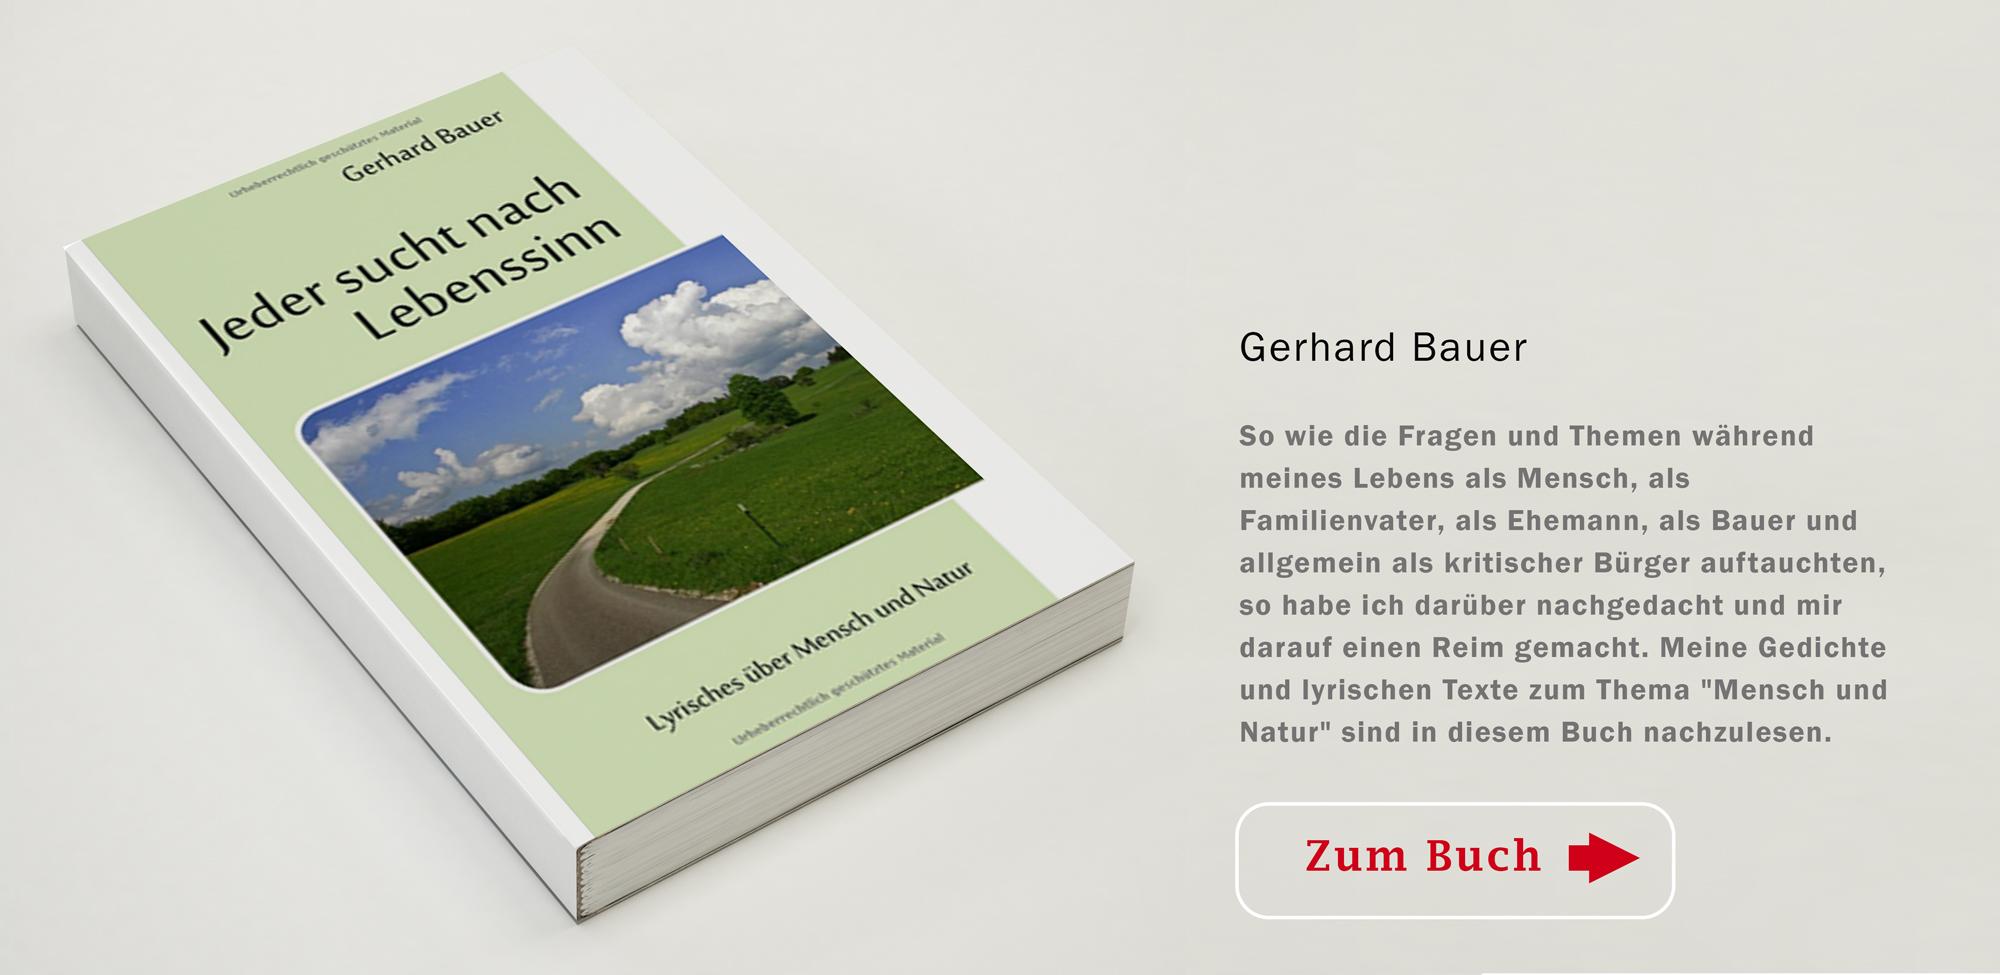 Buch Gerhard Bauer Jeder sucht nach Lebenssinn